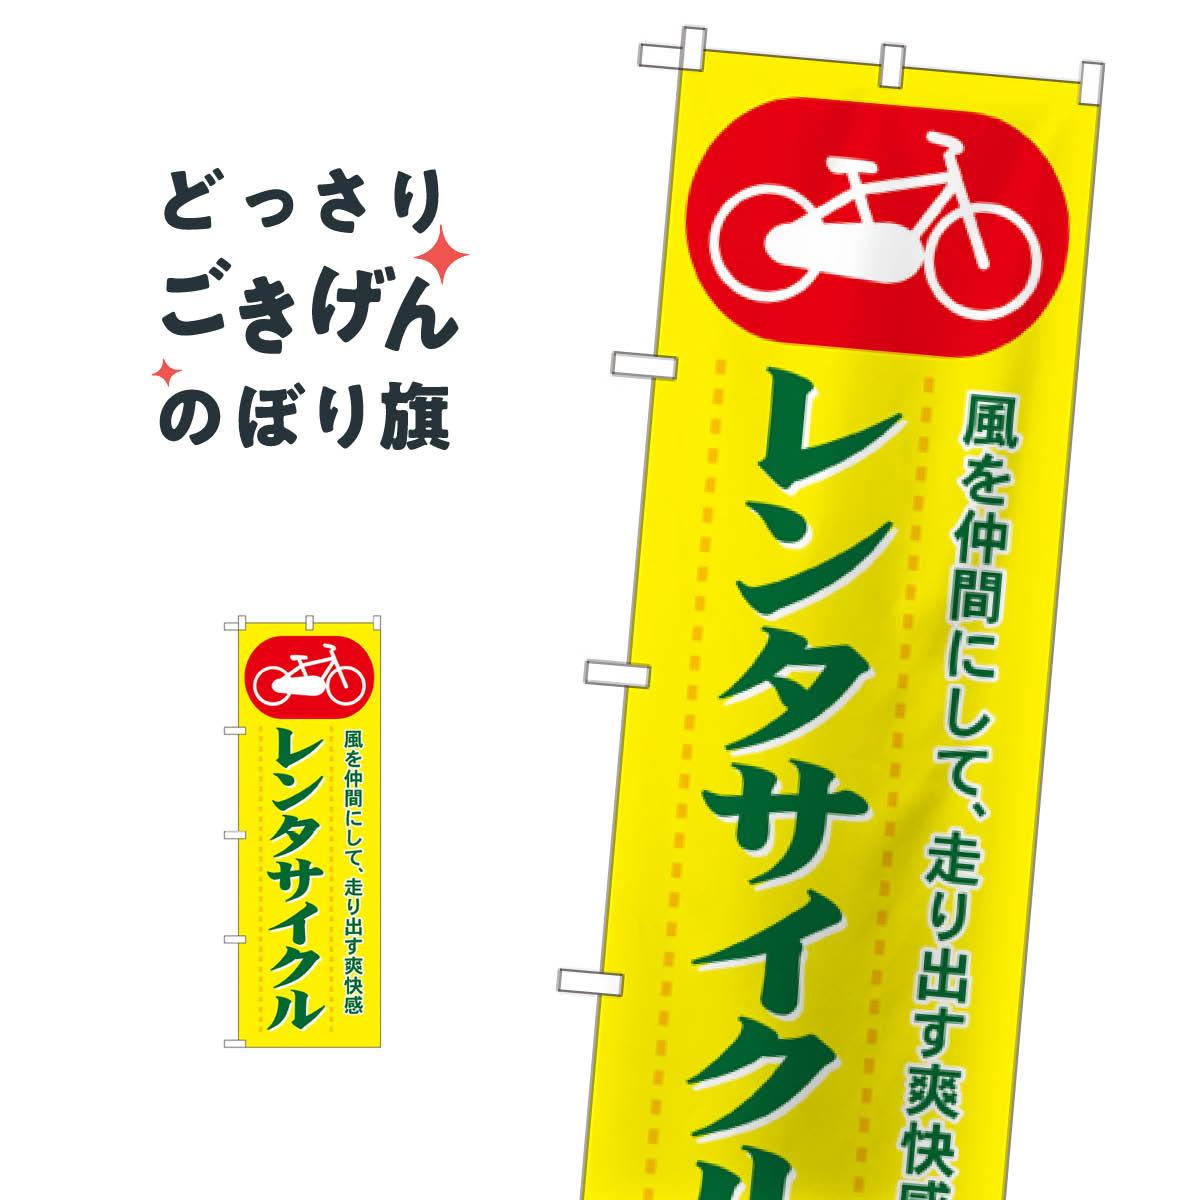 レンタサイクル のぼり旗 1511 レンタルサイクル